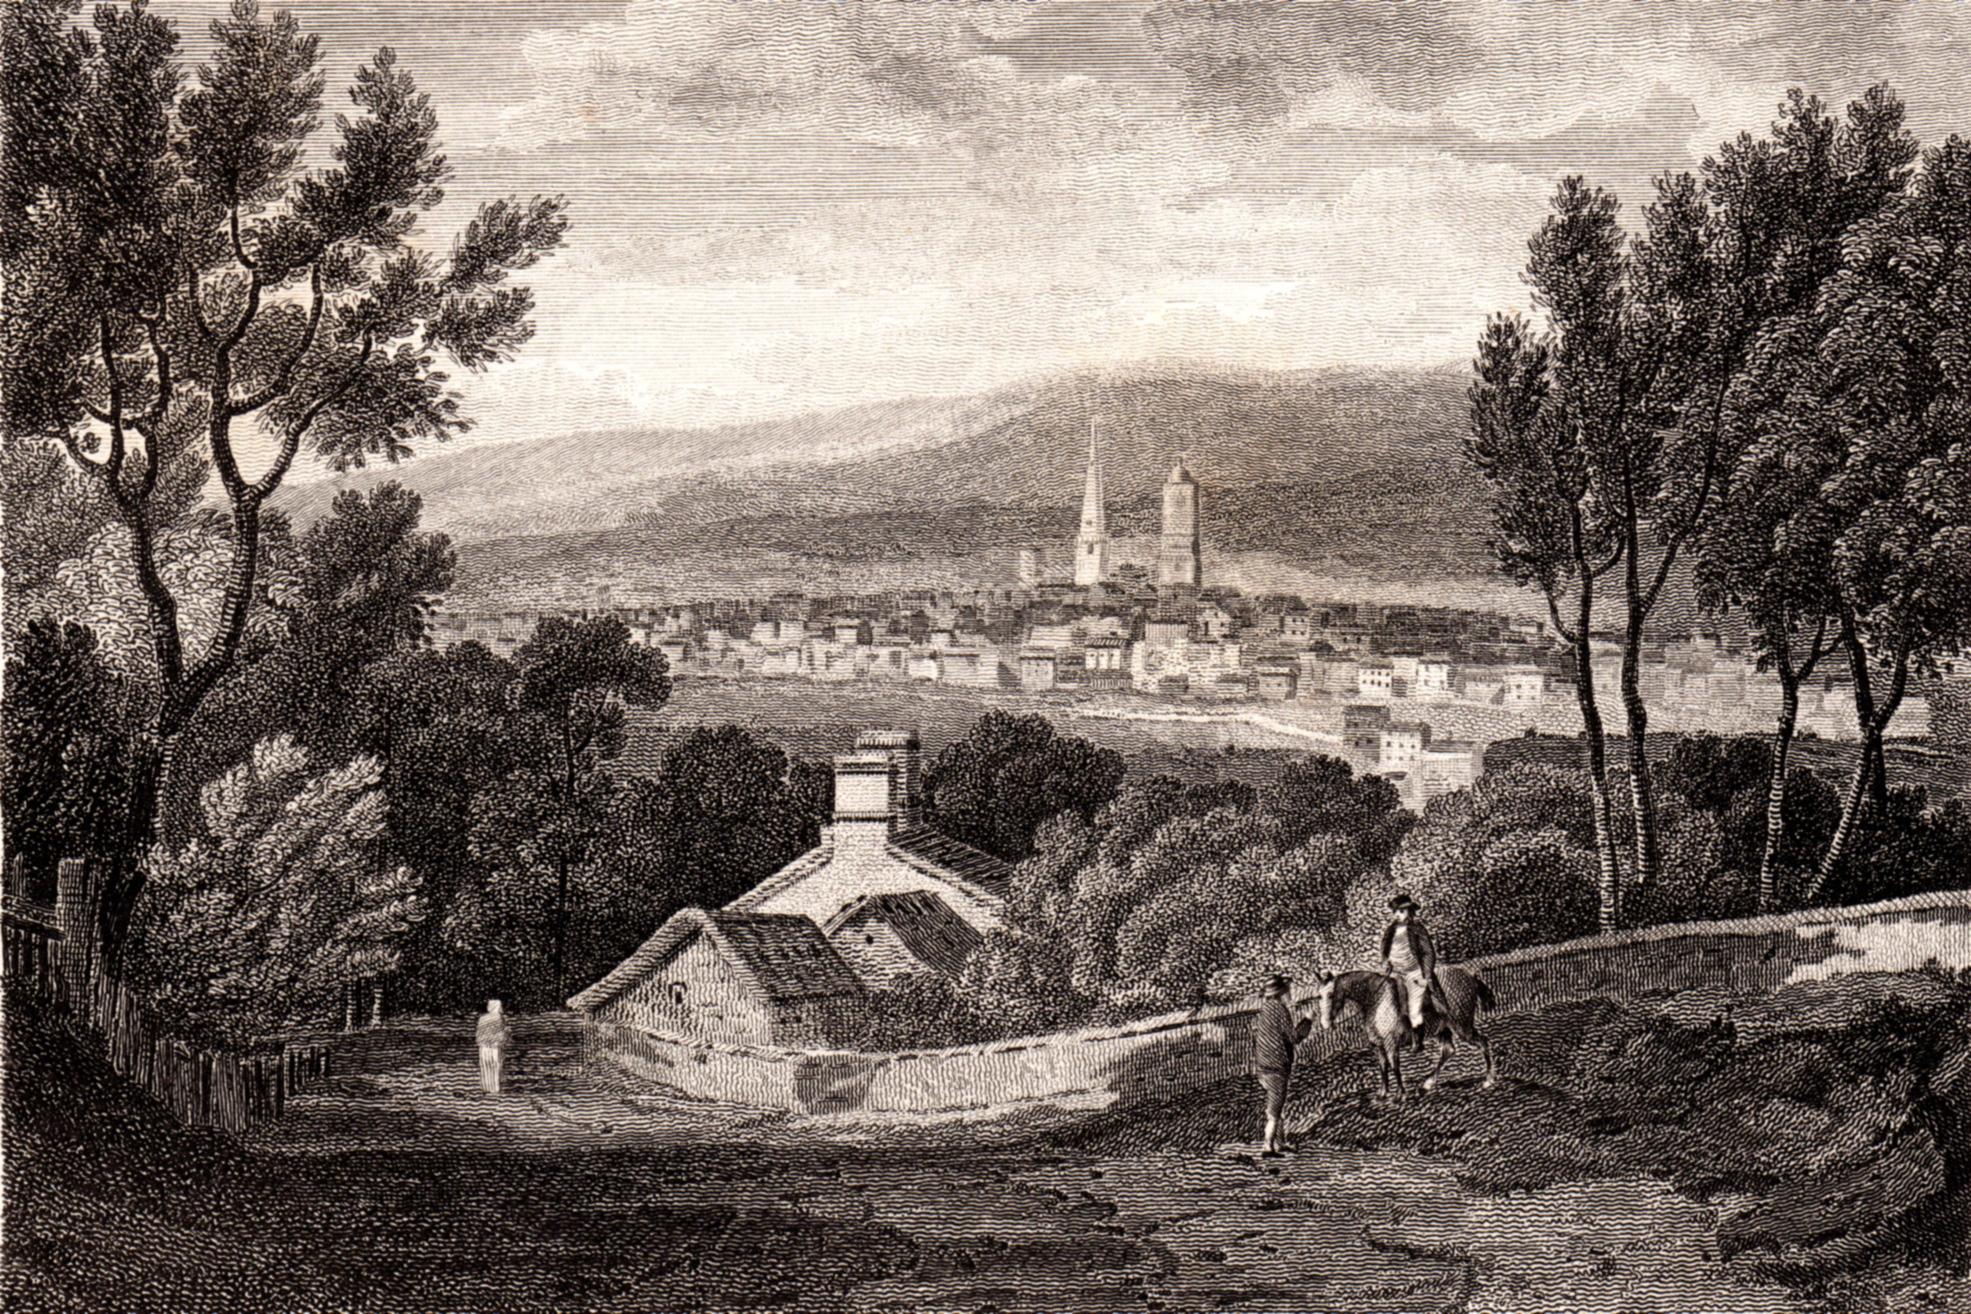 Turner, W. / Girtin, T.